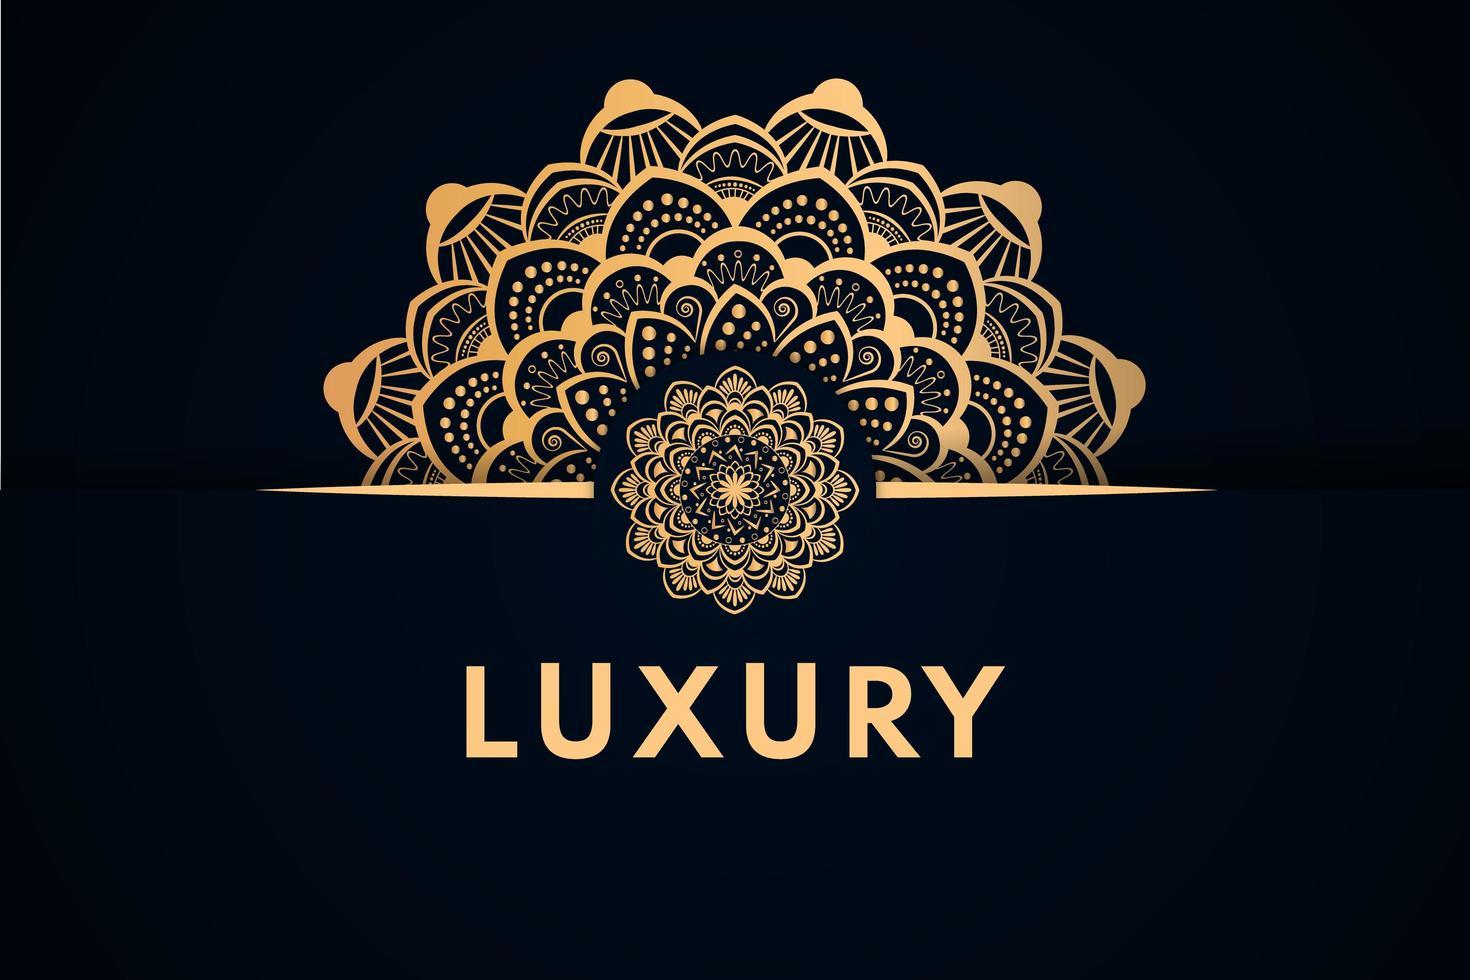 diseño de media mandala y borde dorado de lujo vector